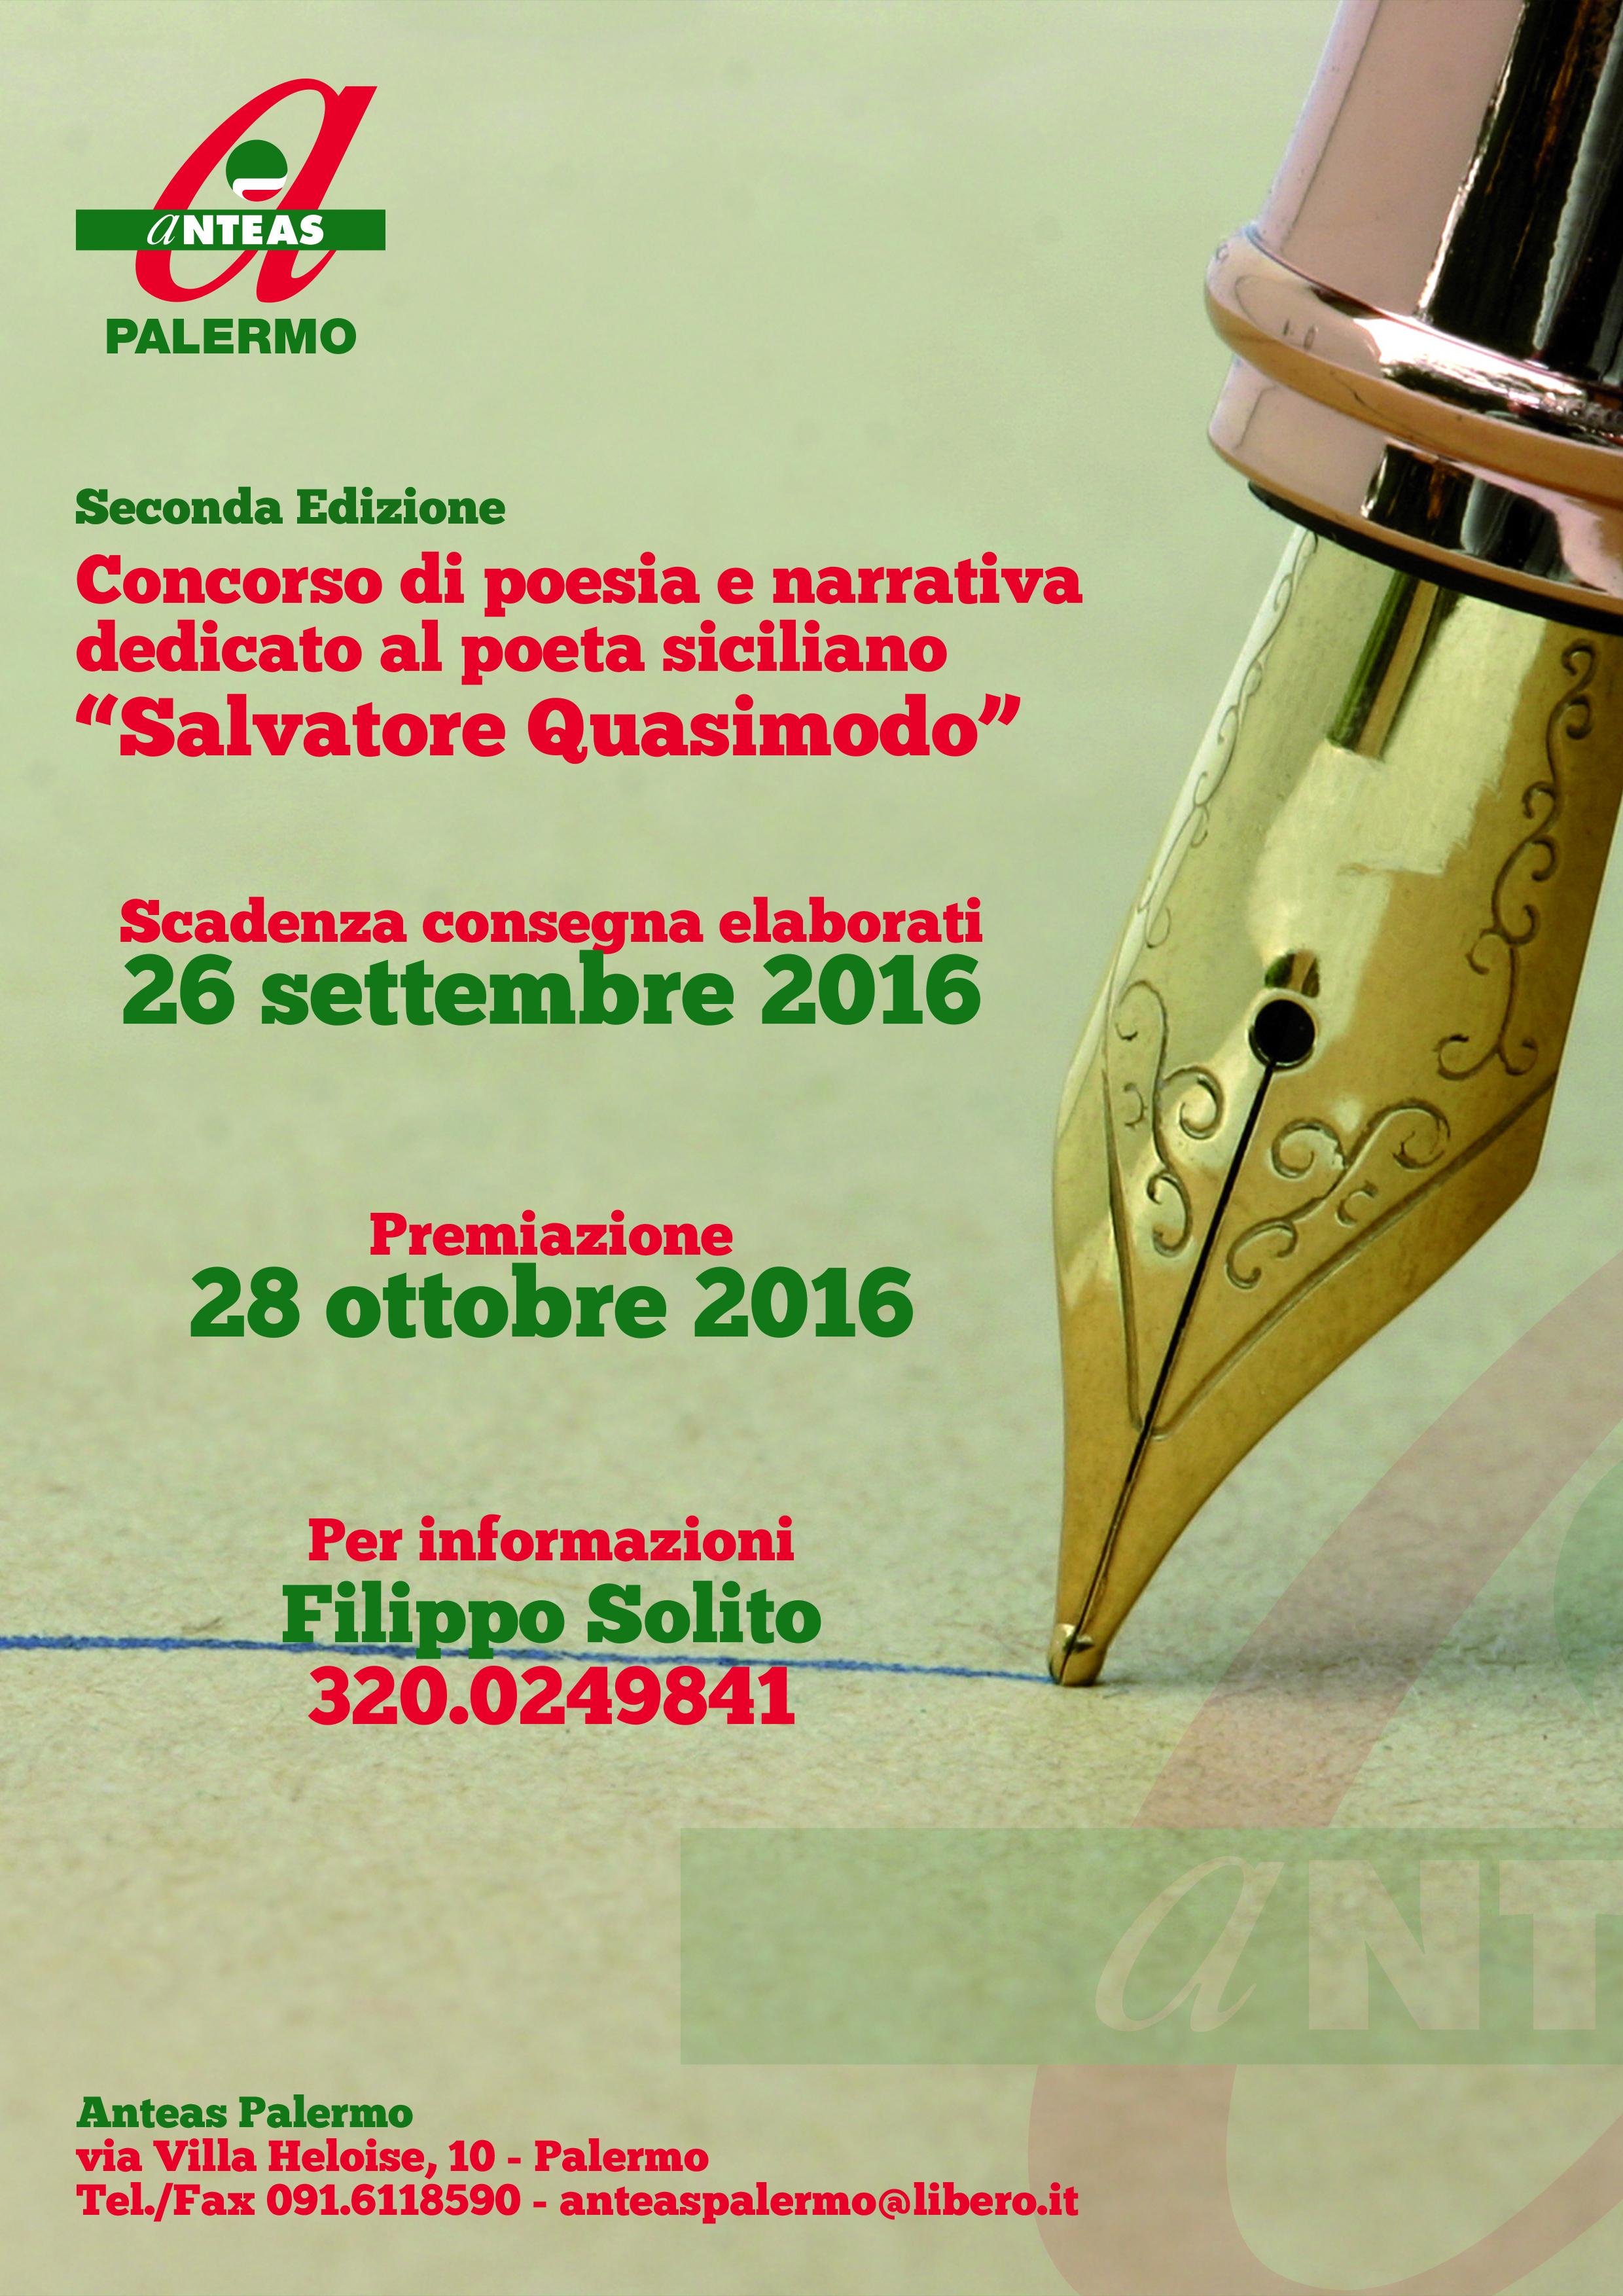 seconda edizione premio poesia anteas palermo